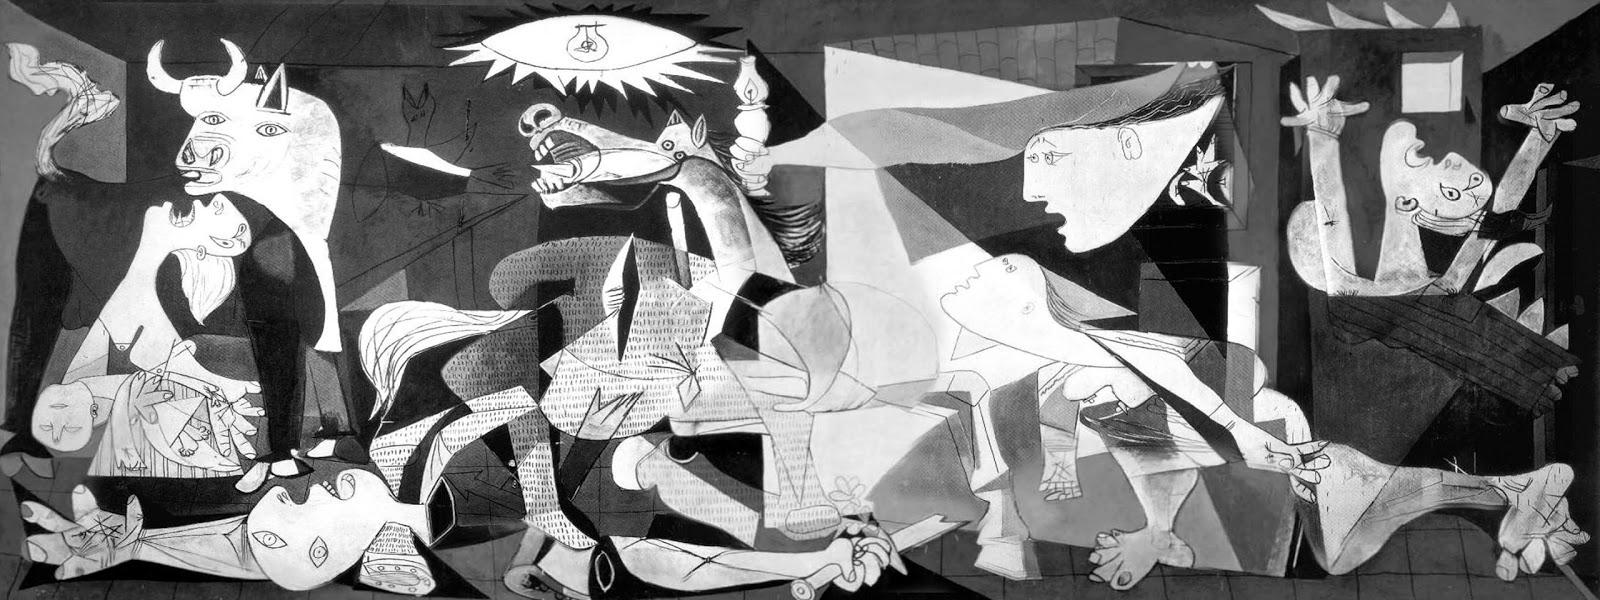 Poèmes La victoire de Guernica par Paul Eluard Agonia France